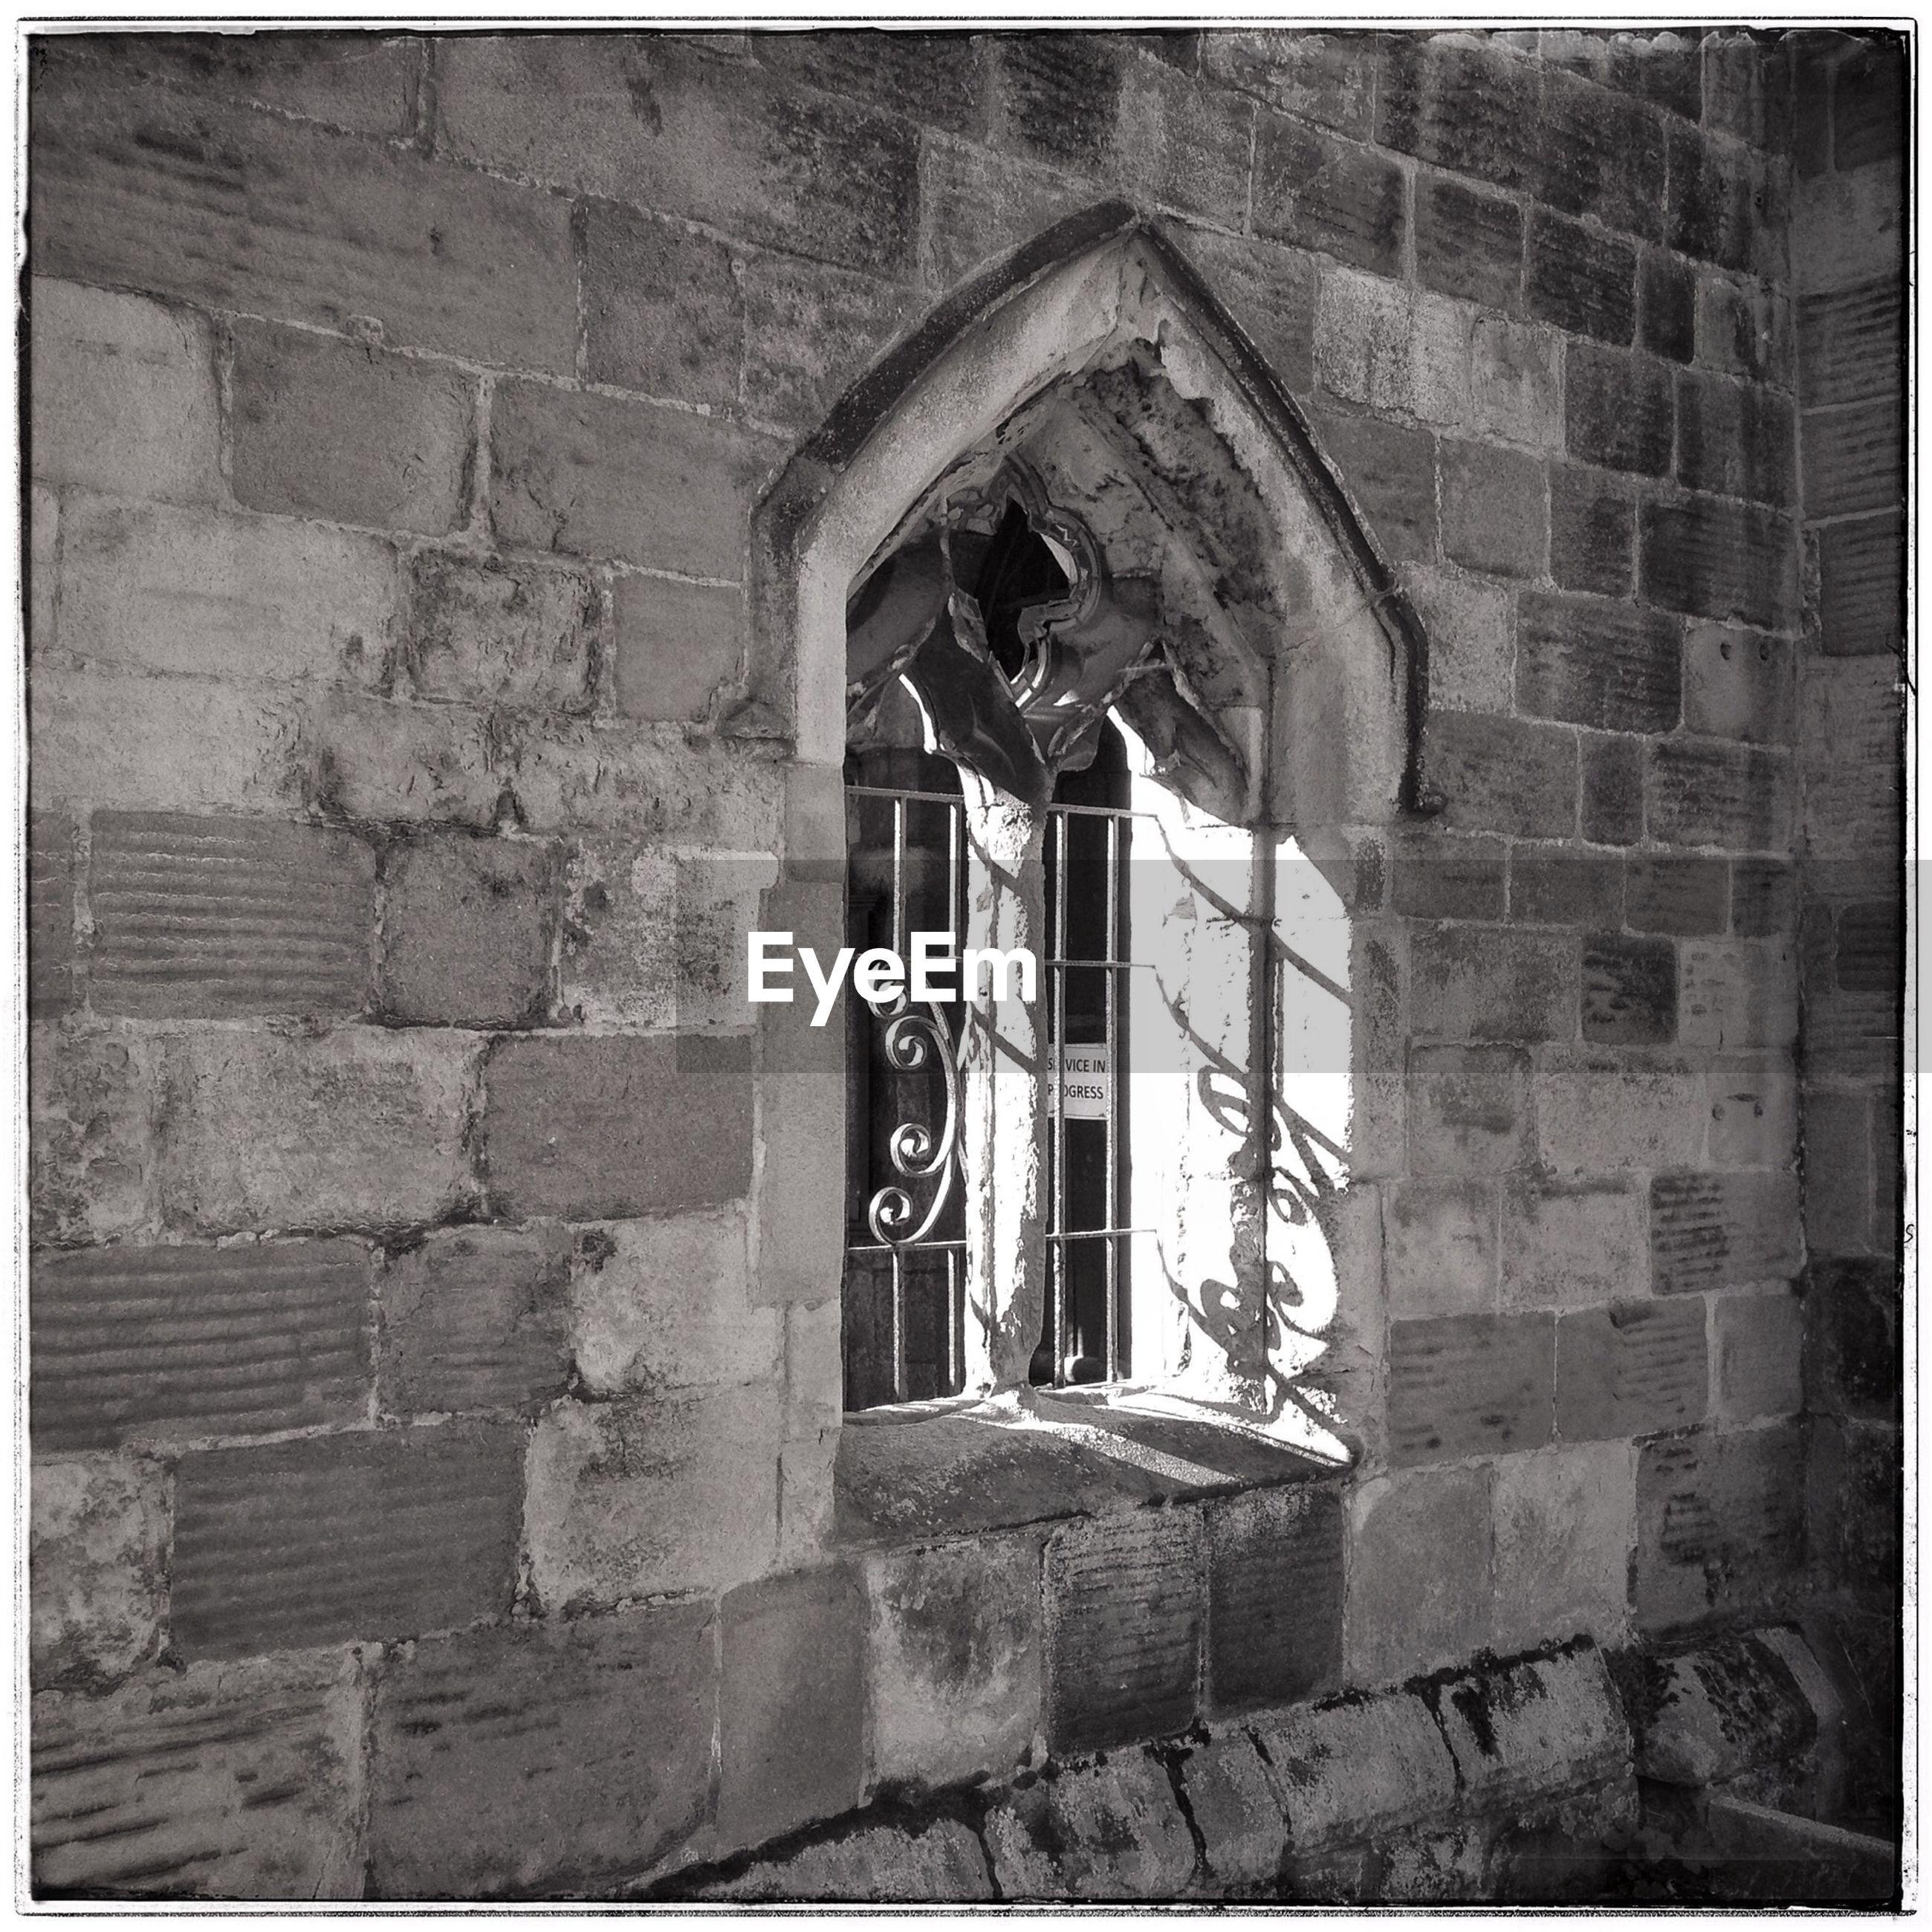 EXTERIOR OF HISTORIC CHURCH SEEN THROUGH ARCH